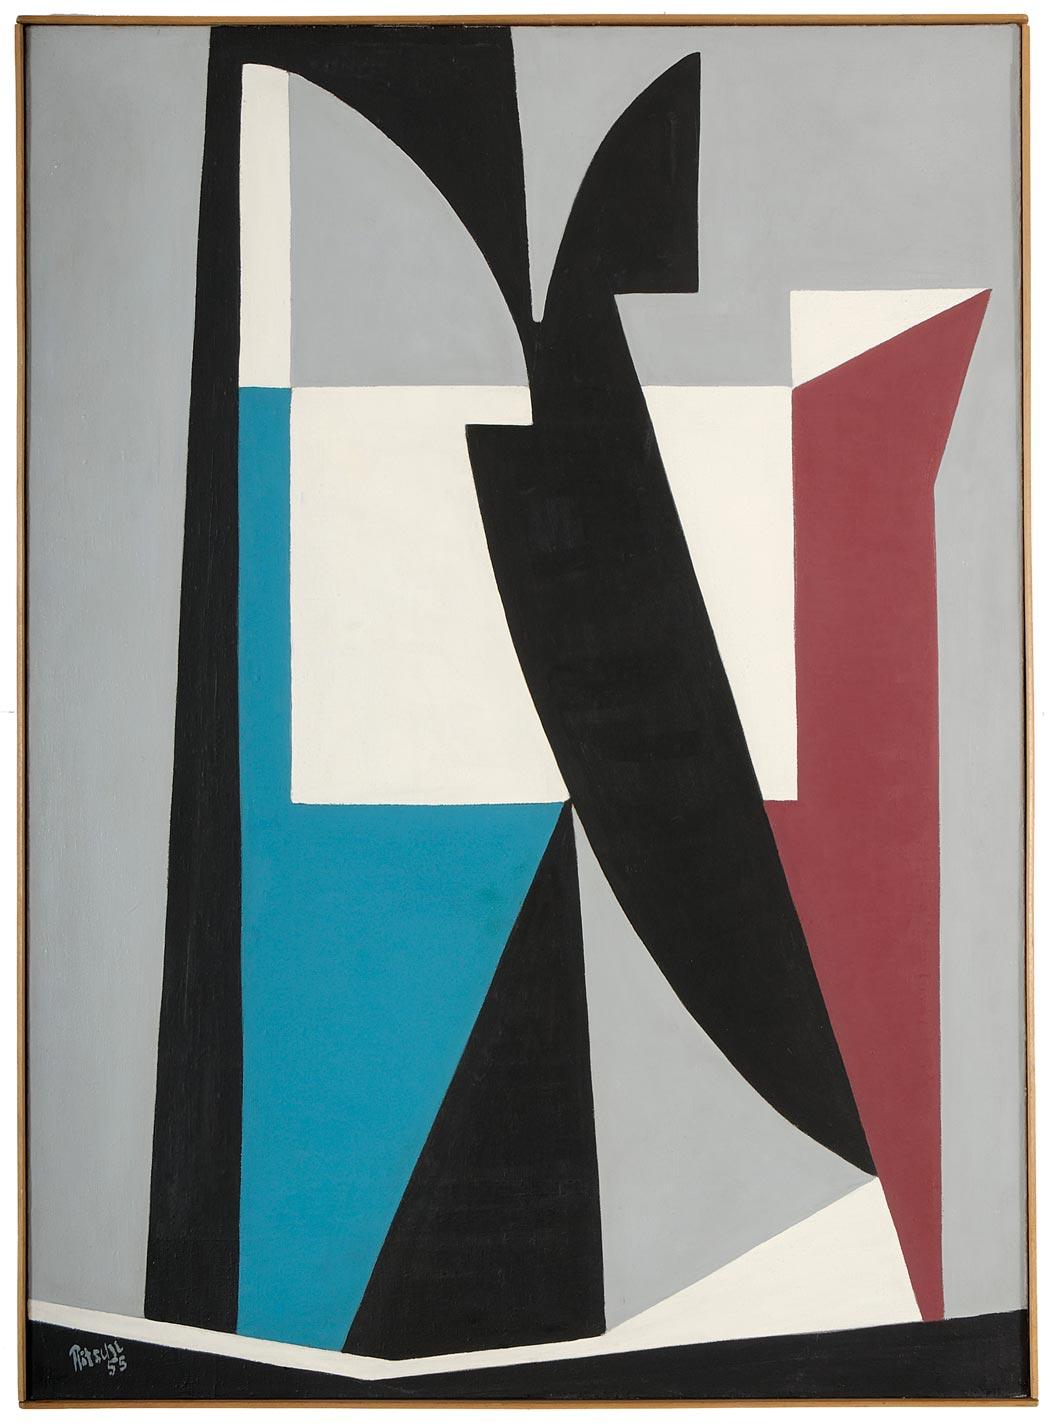 Otto Ritschl: Sechstes Bild aus dem Jahr 1955, Geometrische Werkphase, Werkverzeichnis des Museumsvereins Ritschl e.V., Verlag Hirmer